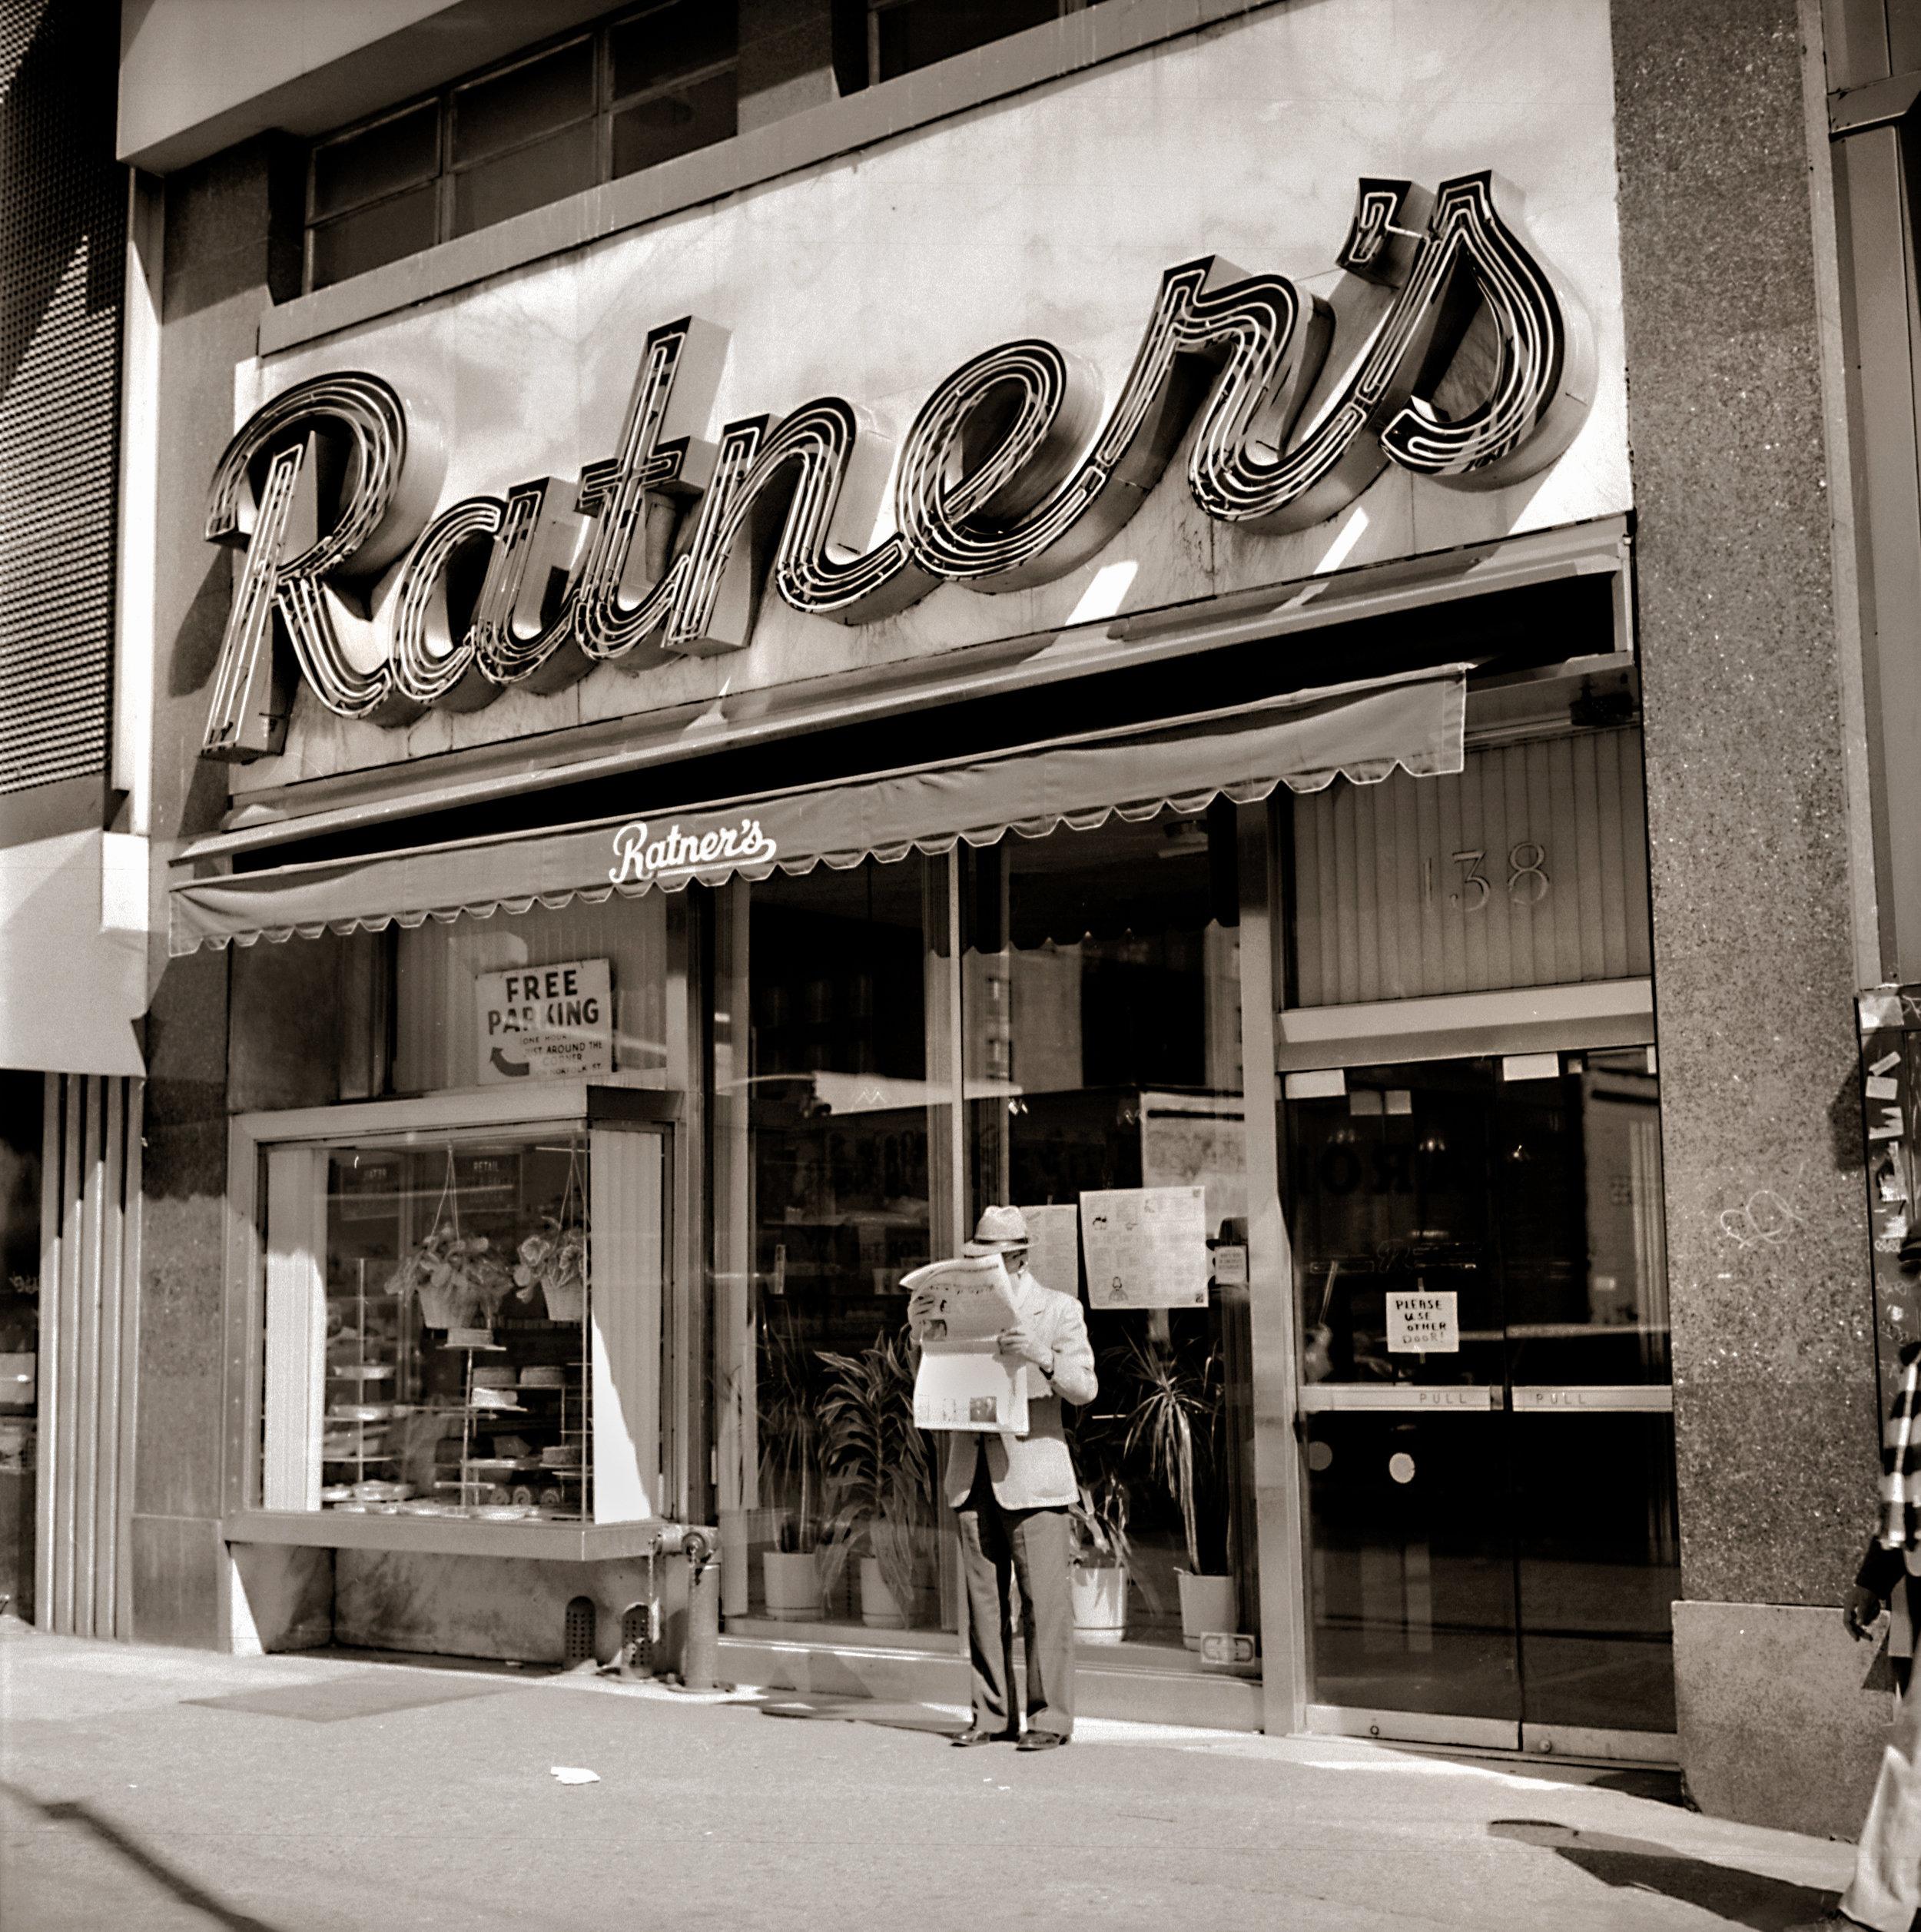 Ratners